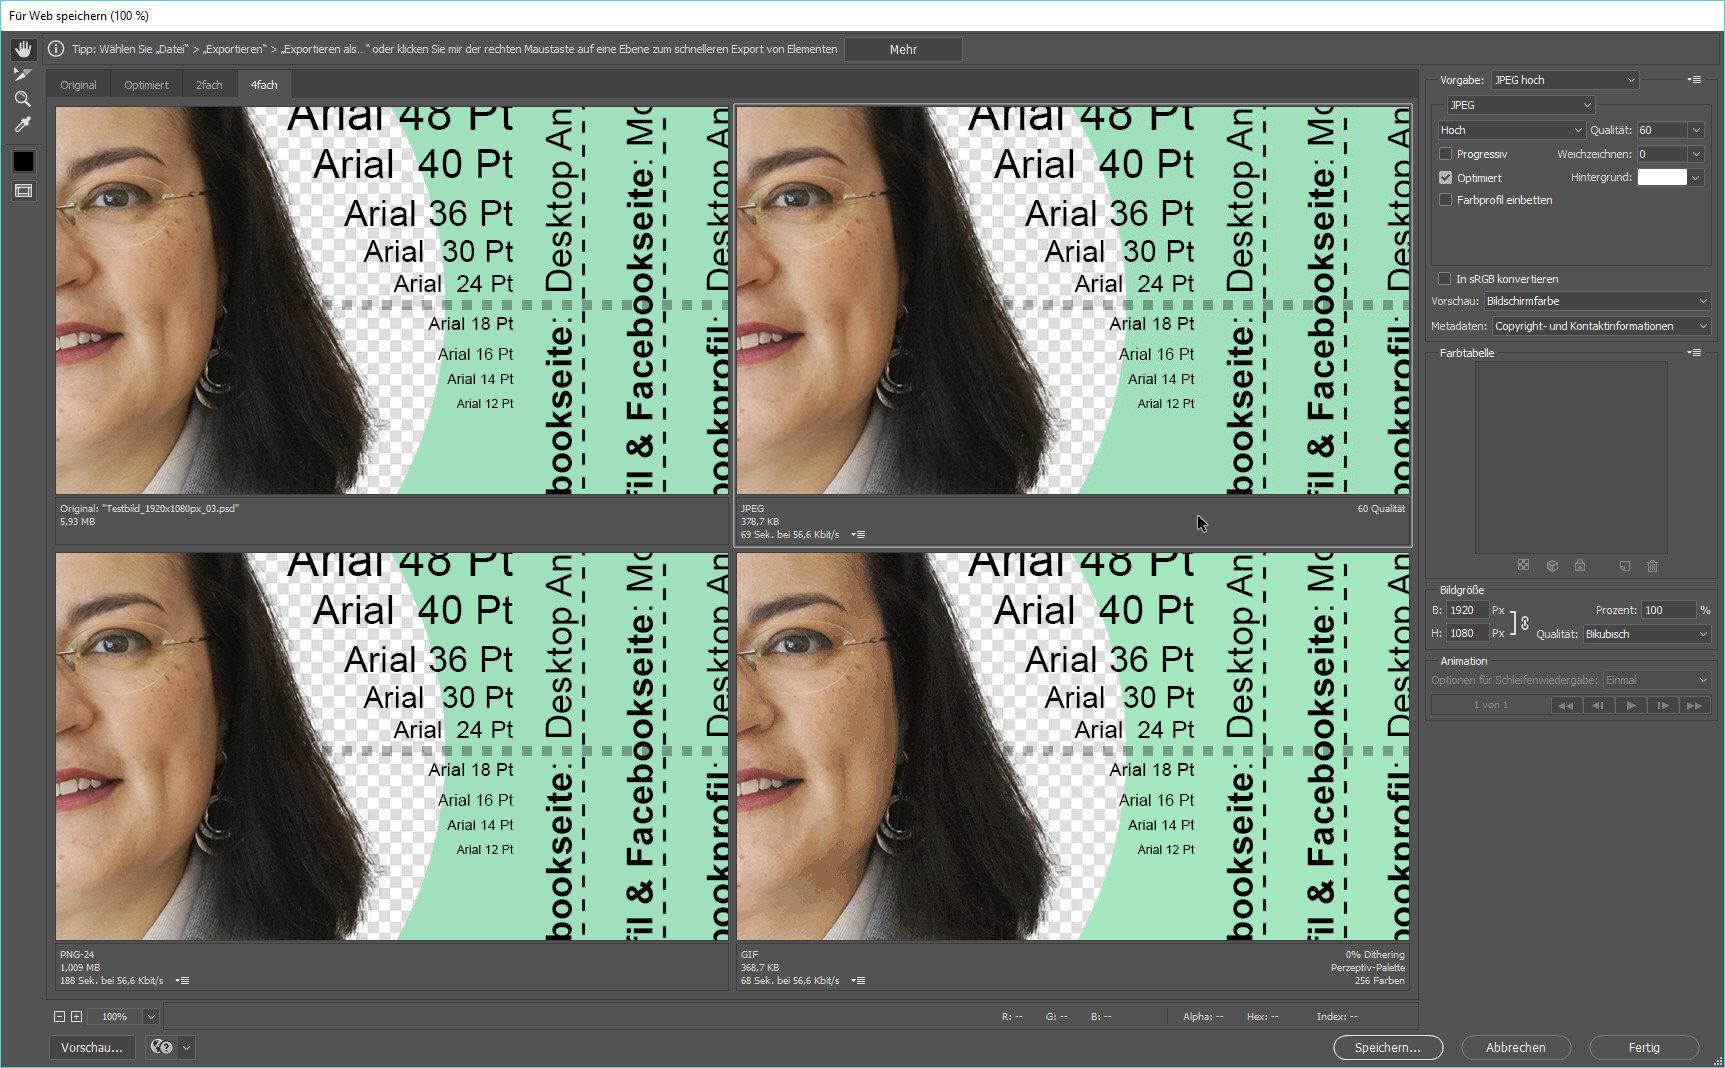 Im Vergleich: Oben links das Original, oben rechts die JPG, unten Links eine PNG, unten rechts eine GIF